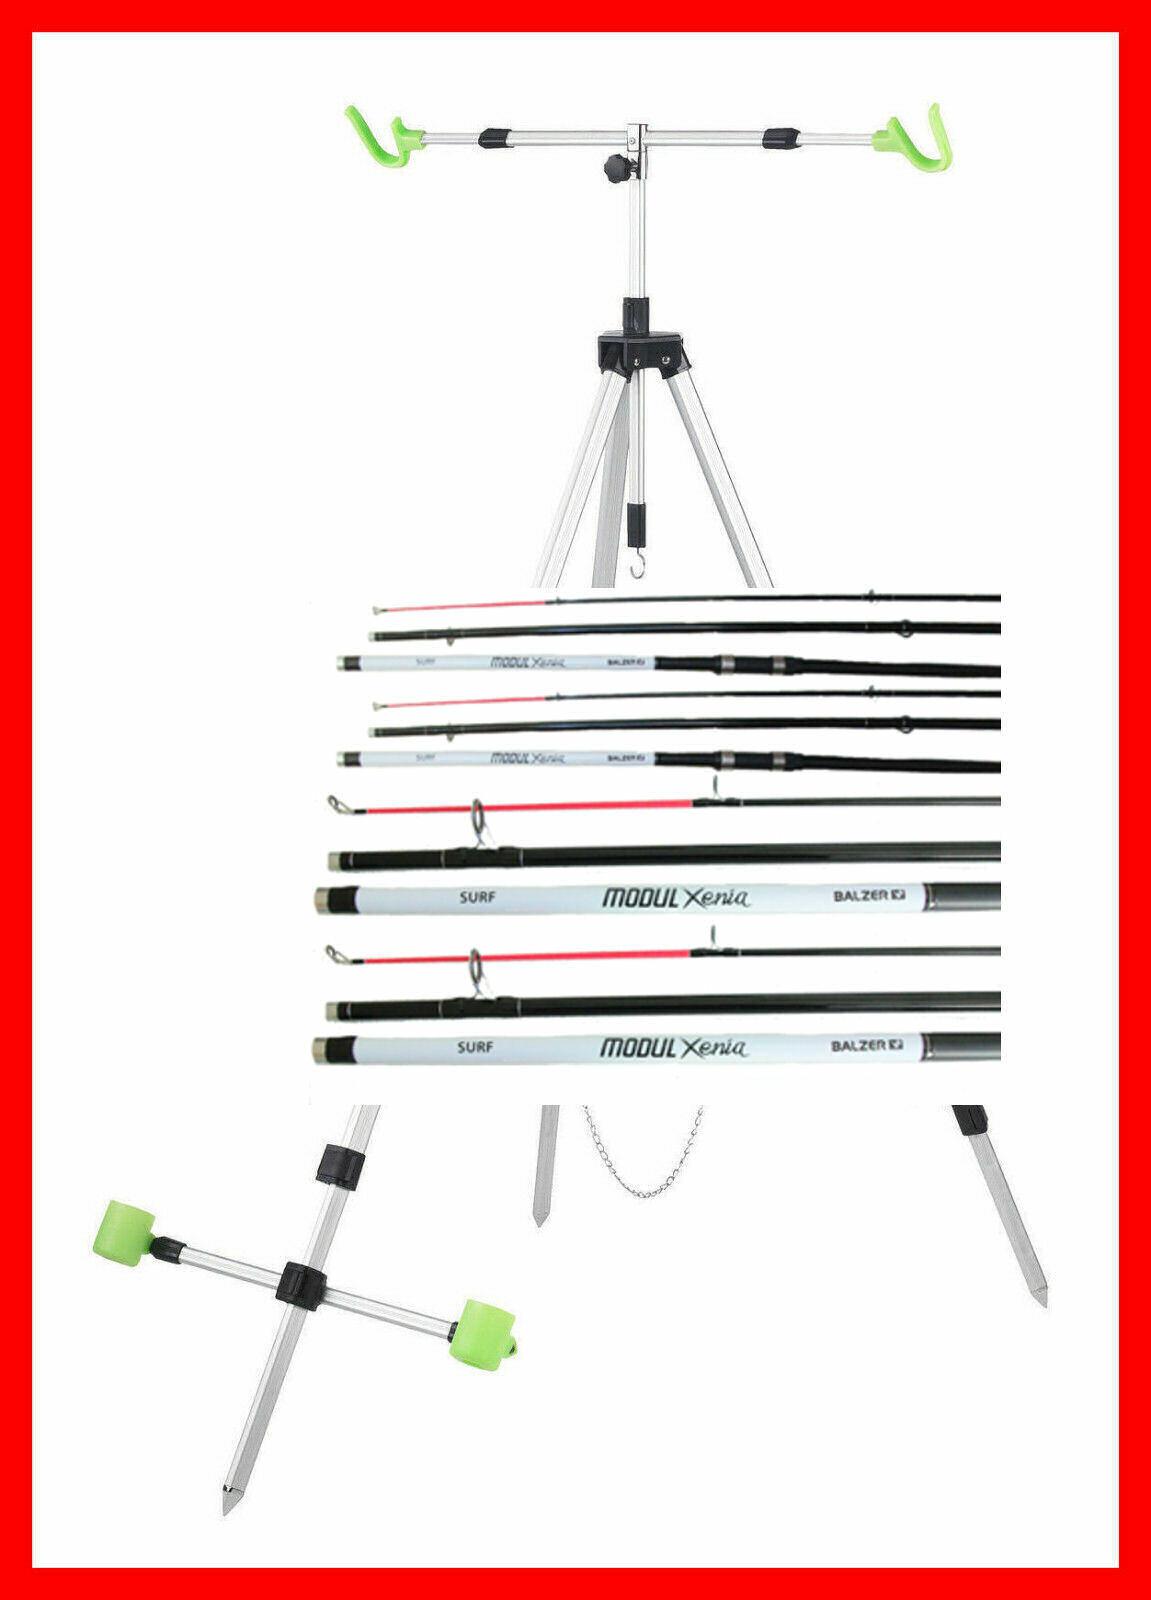 2 Balzer Brandungs Set`s  XENIA 2 Ruten 2 Rollen mit 0 35 mm und Alu Dreibein